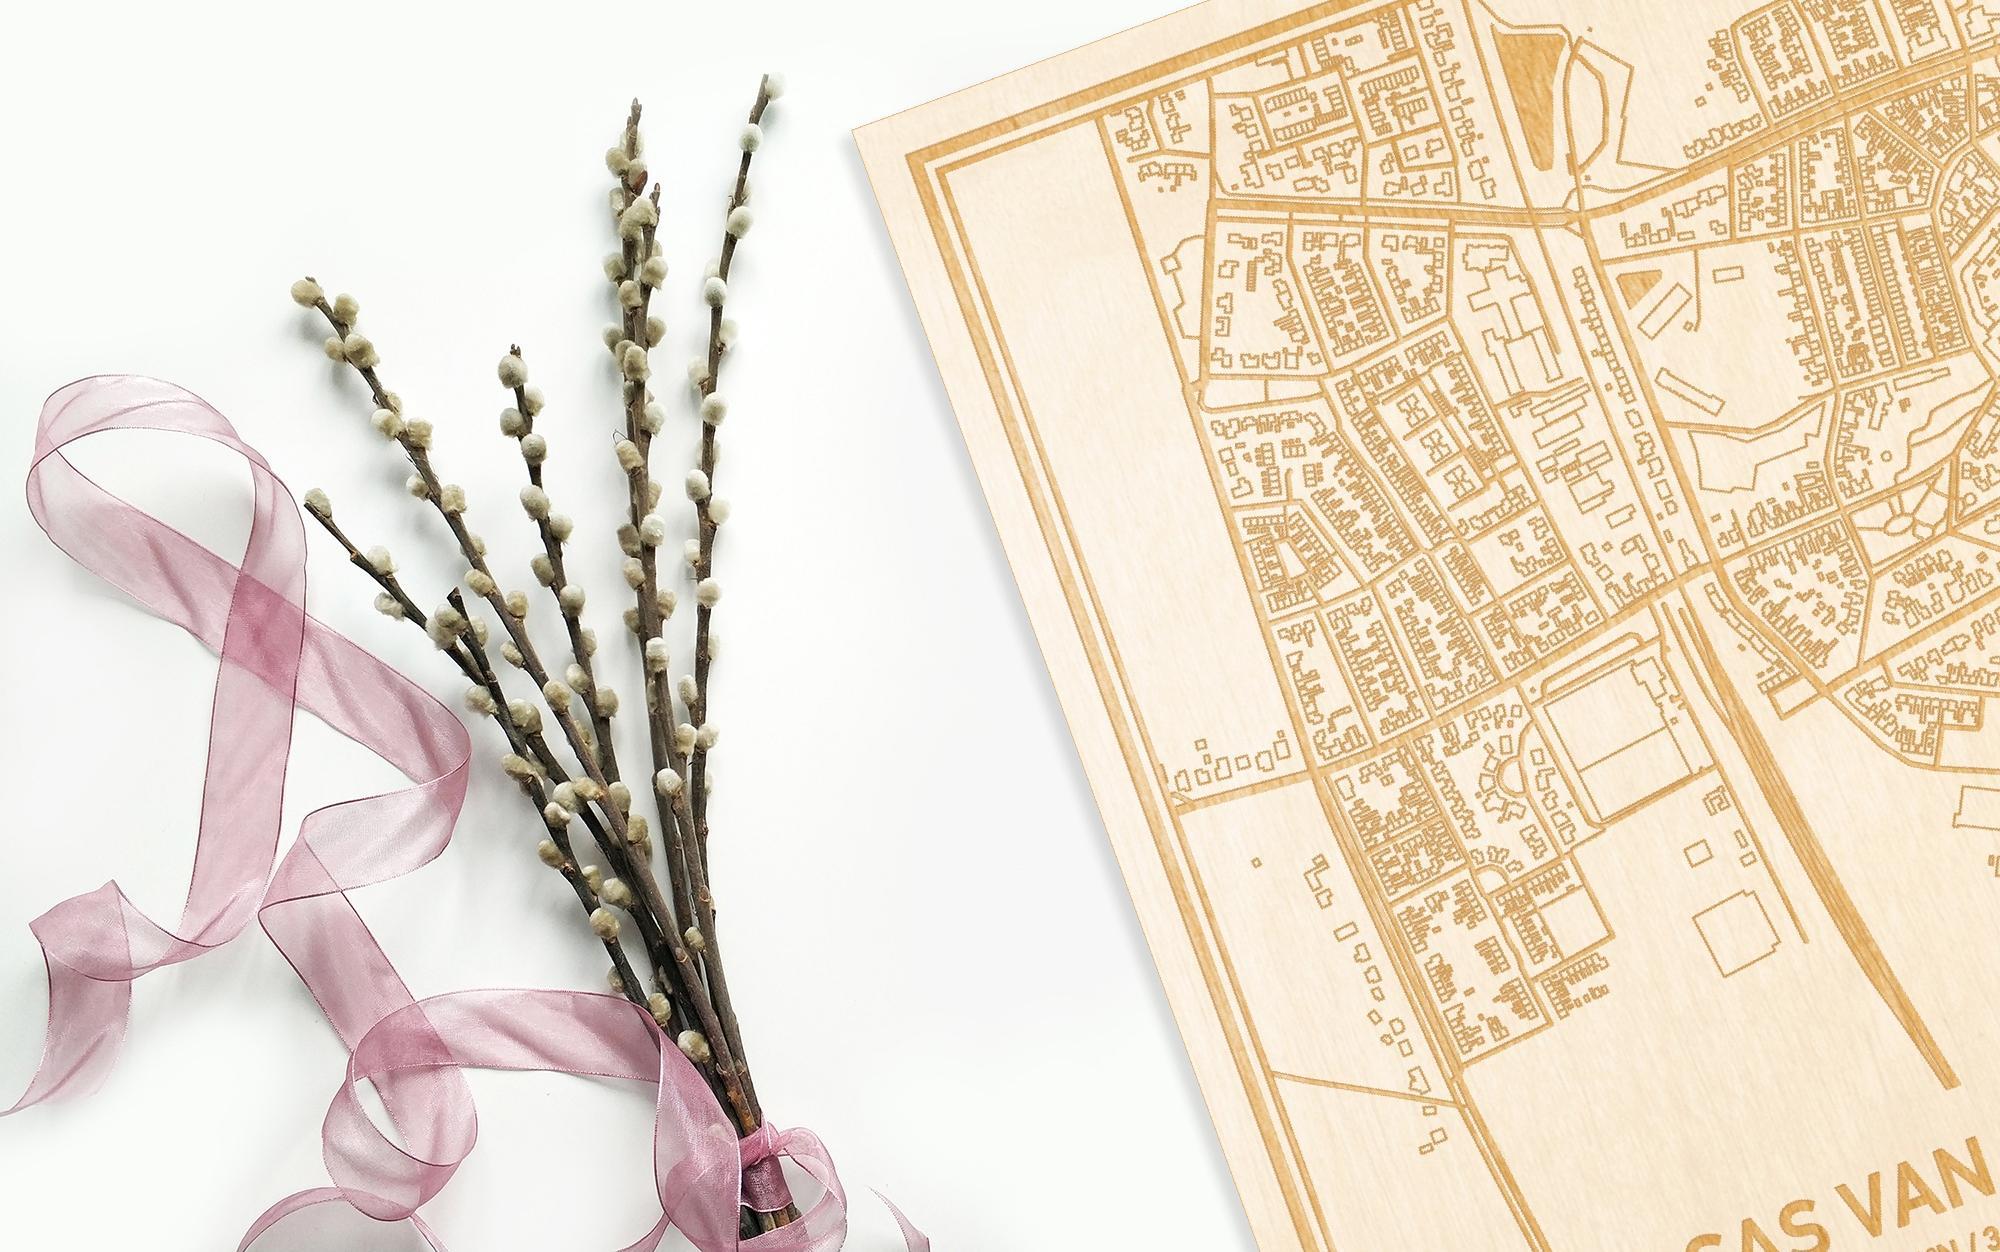 Hier ligt de houten plattegrond Sas van Gent naast een bloemetje als gepersonaliseerd cadeau voor haar.